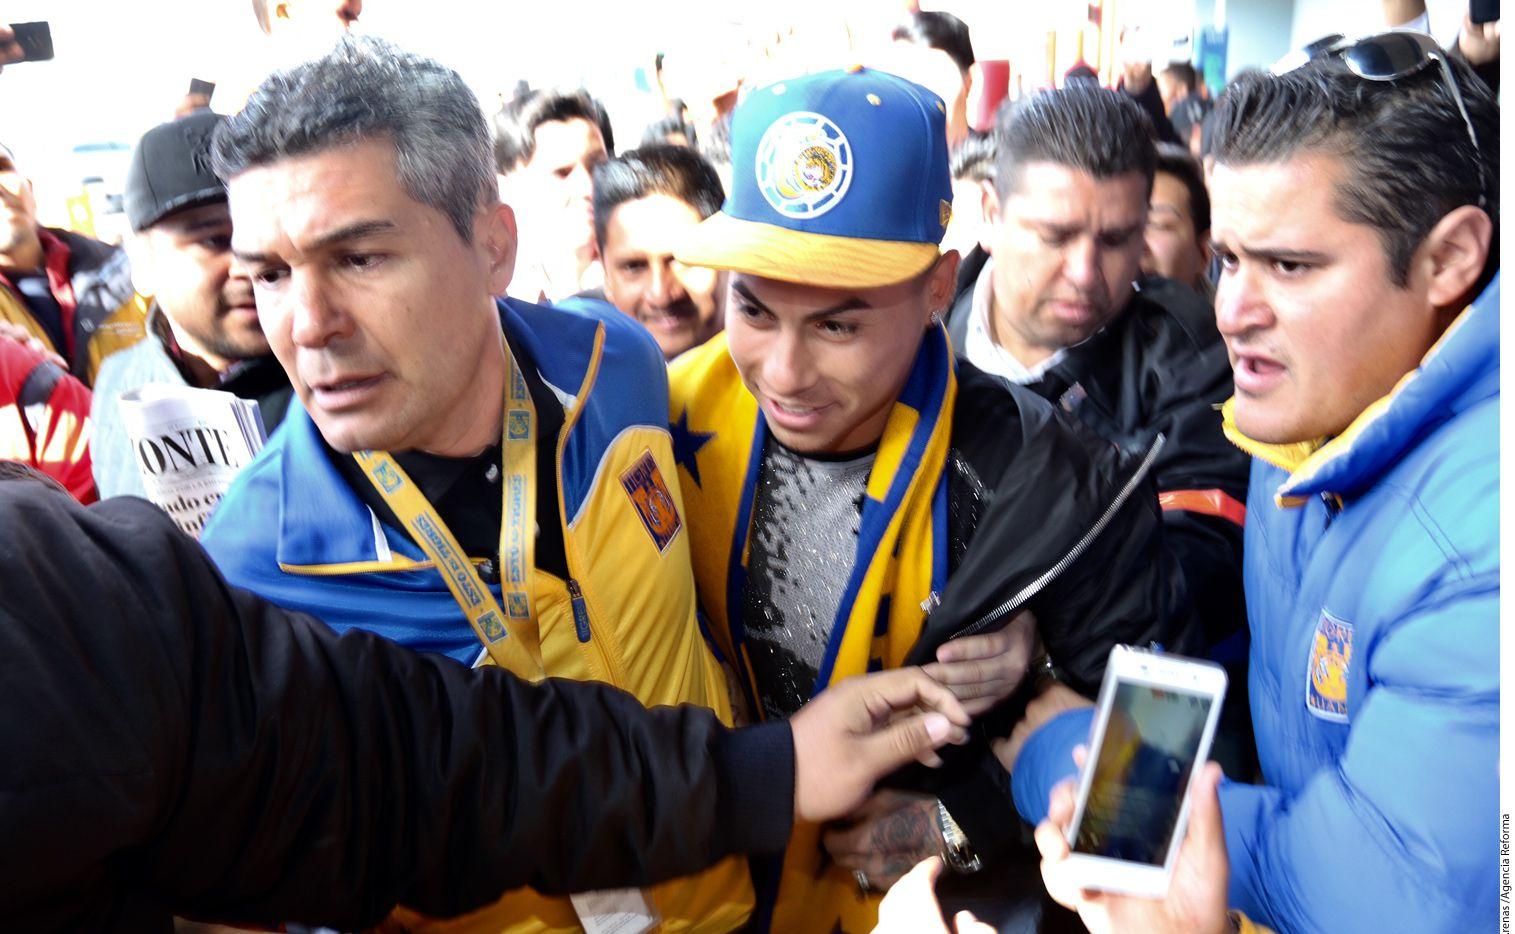 El chileno Eduardo Vargas (de gorra), quien jugará con Tigres, tuvo un día ajetreado, tras arribar cerca de las 10:00 horas y ser recibido en medio de un caos por poco más de 100 aficionados./ AGENCIA REFORMA